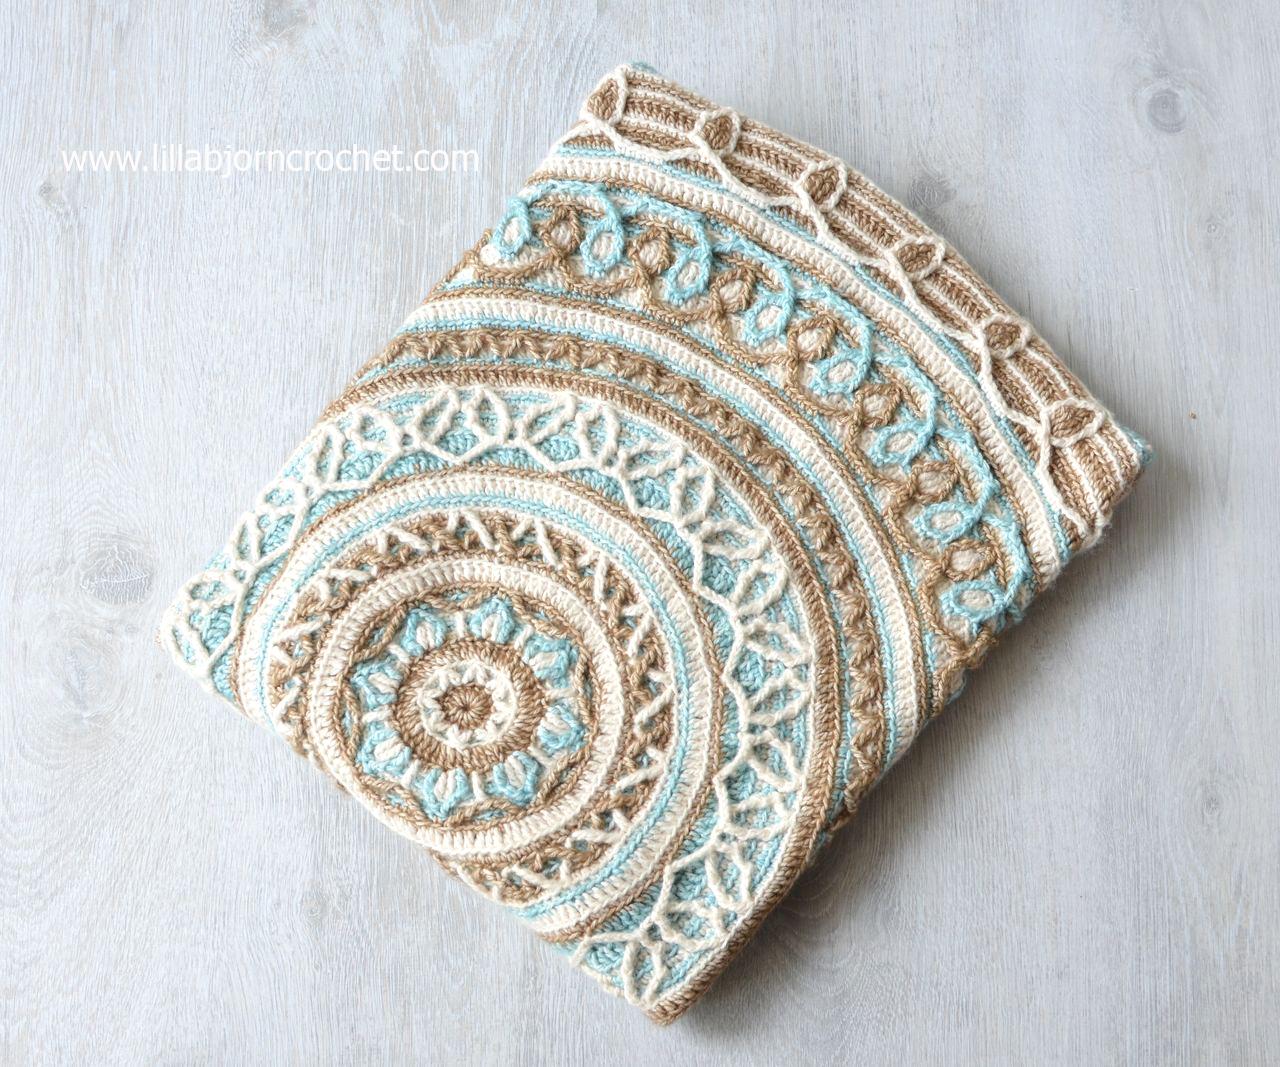 Crochet New Design : ... Border - New Design in Overlay Crochet LillaBj?rns Crochet World